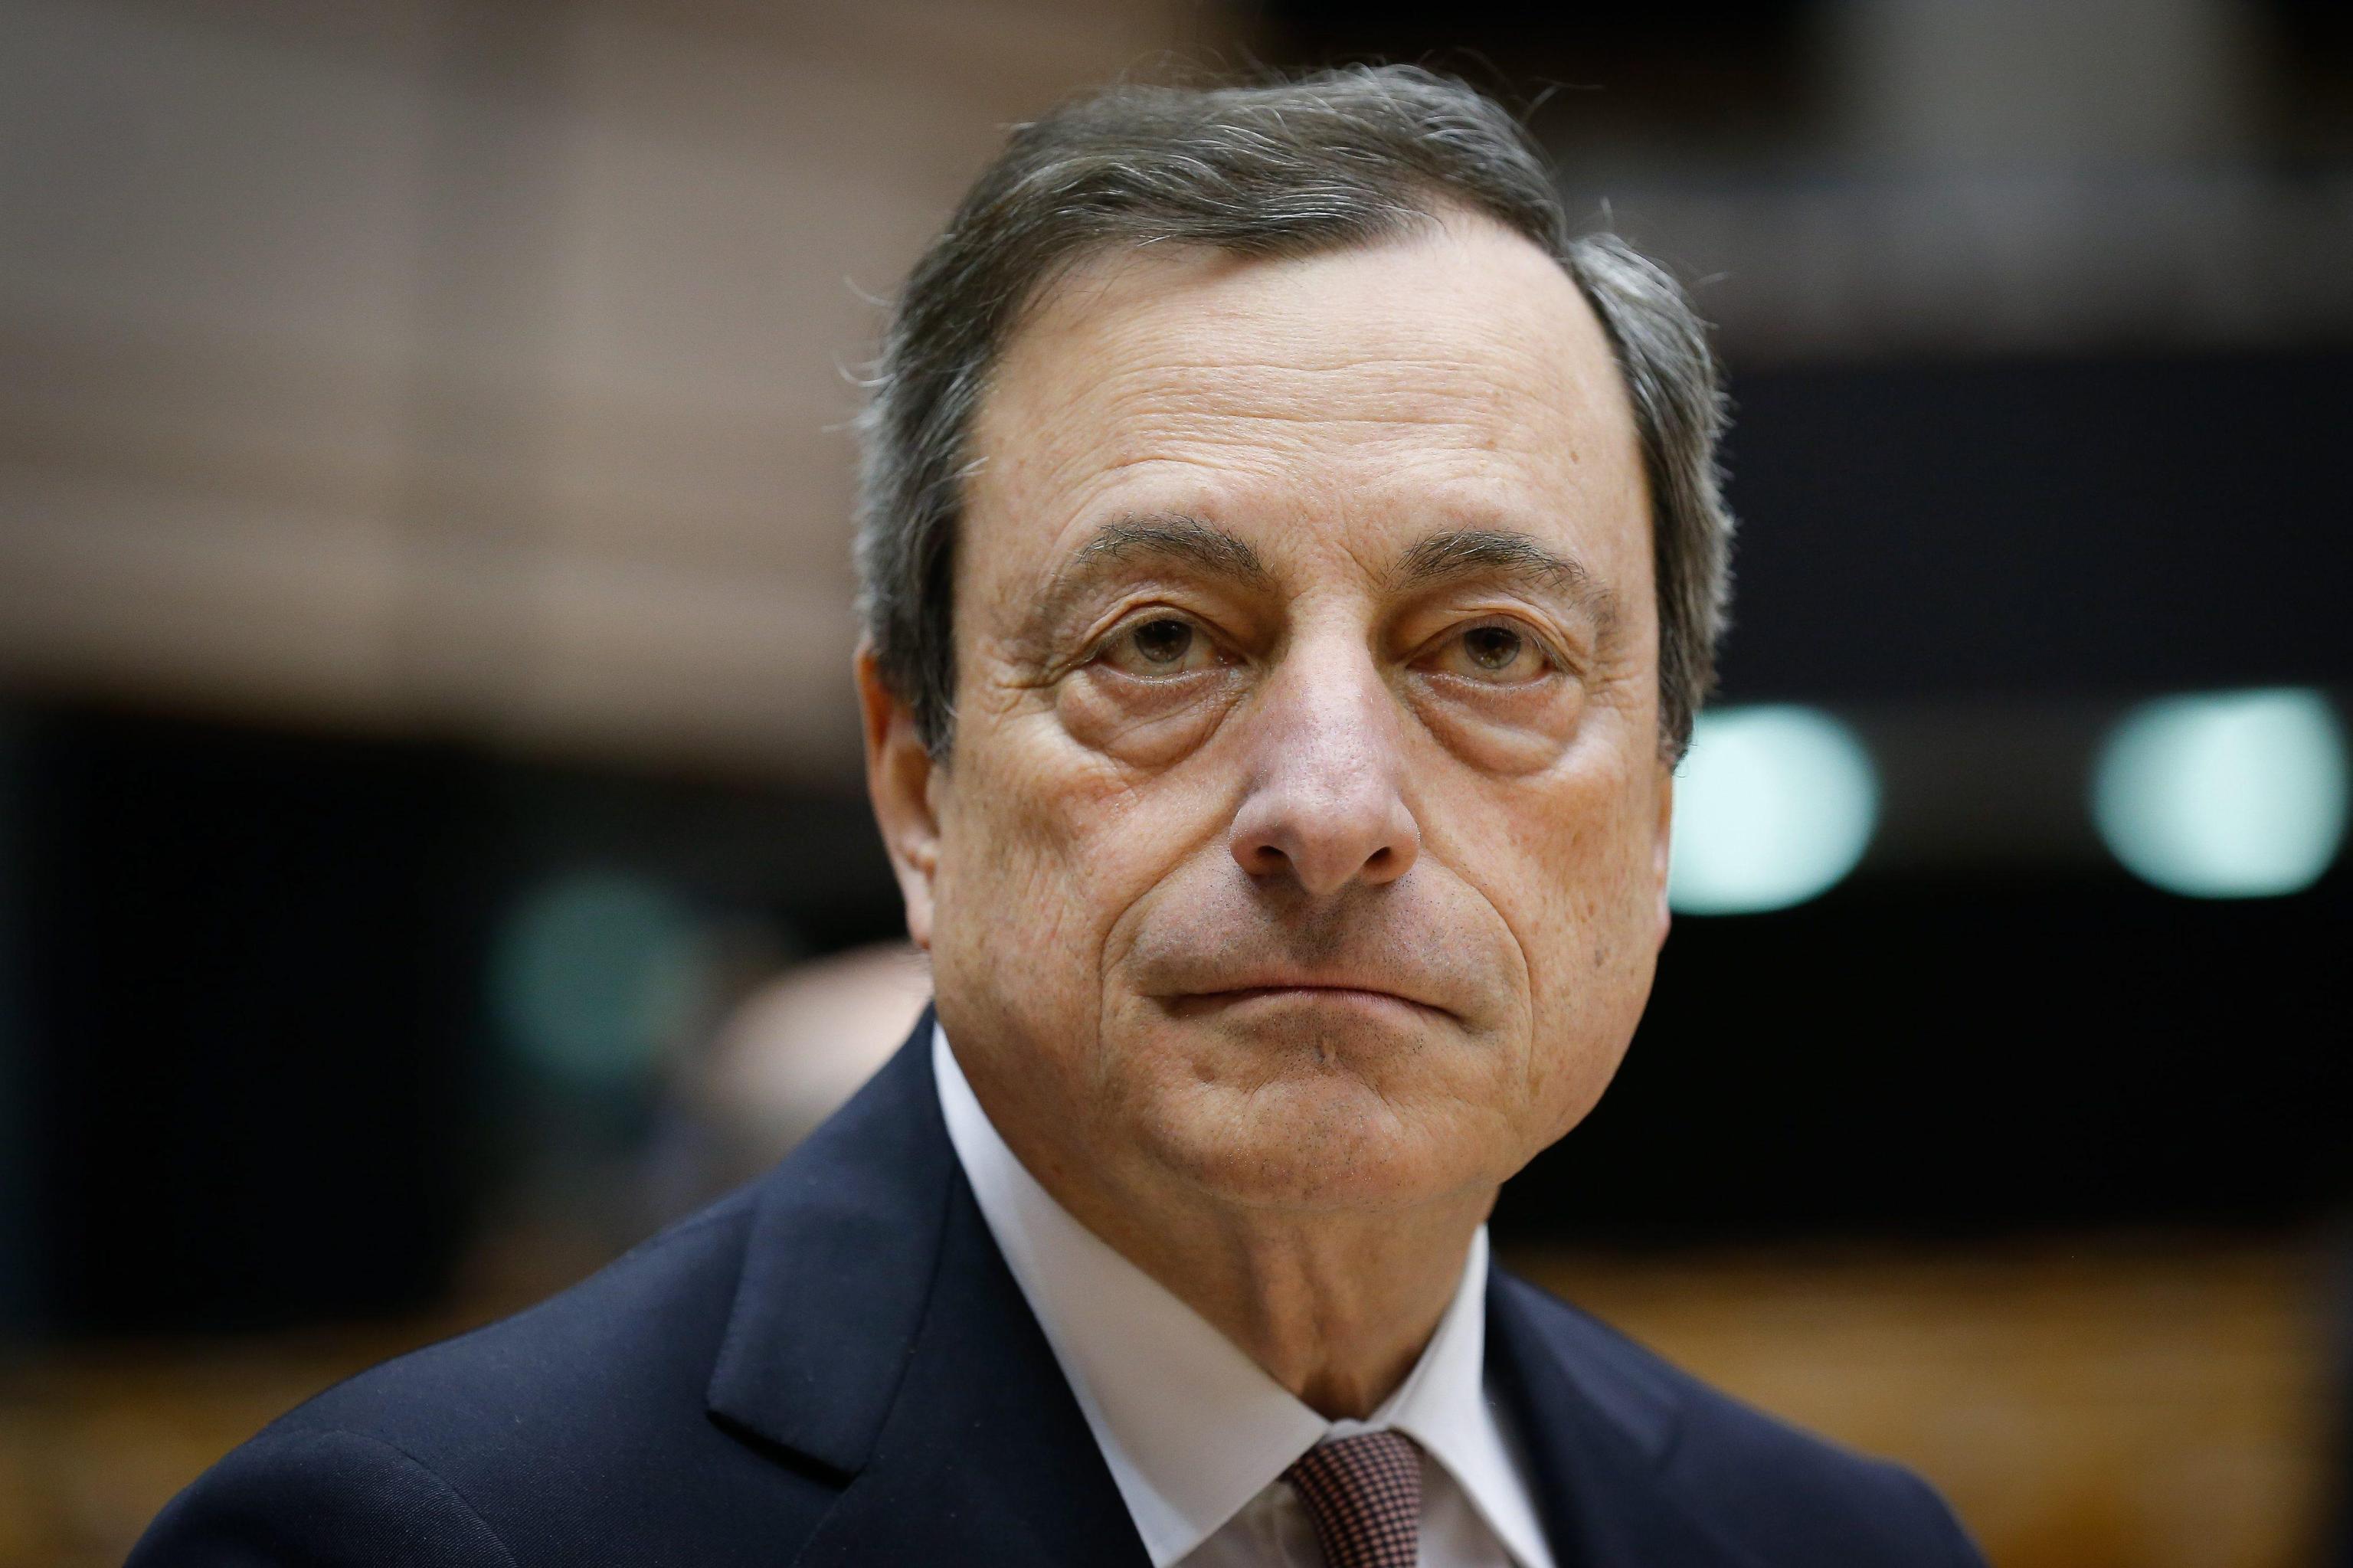 ++ Grecia: Draghi, Bce non può finanziare Stato ++